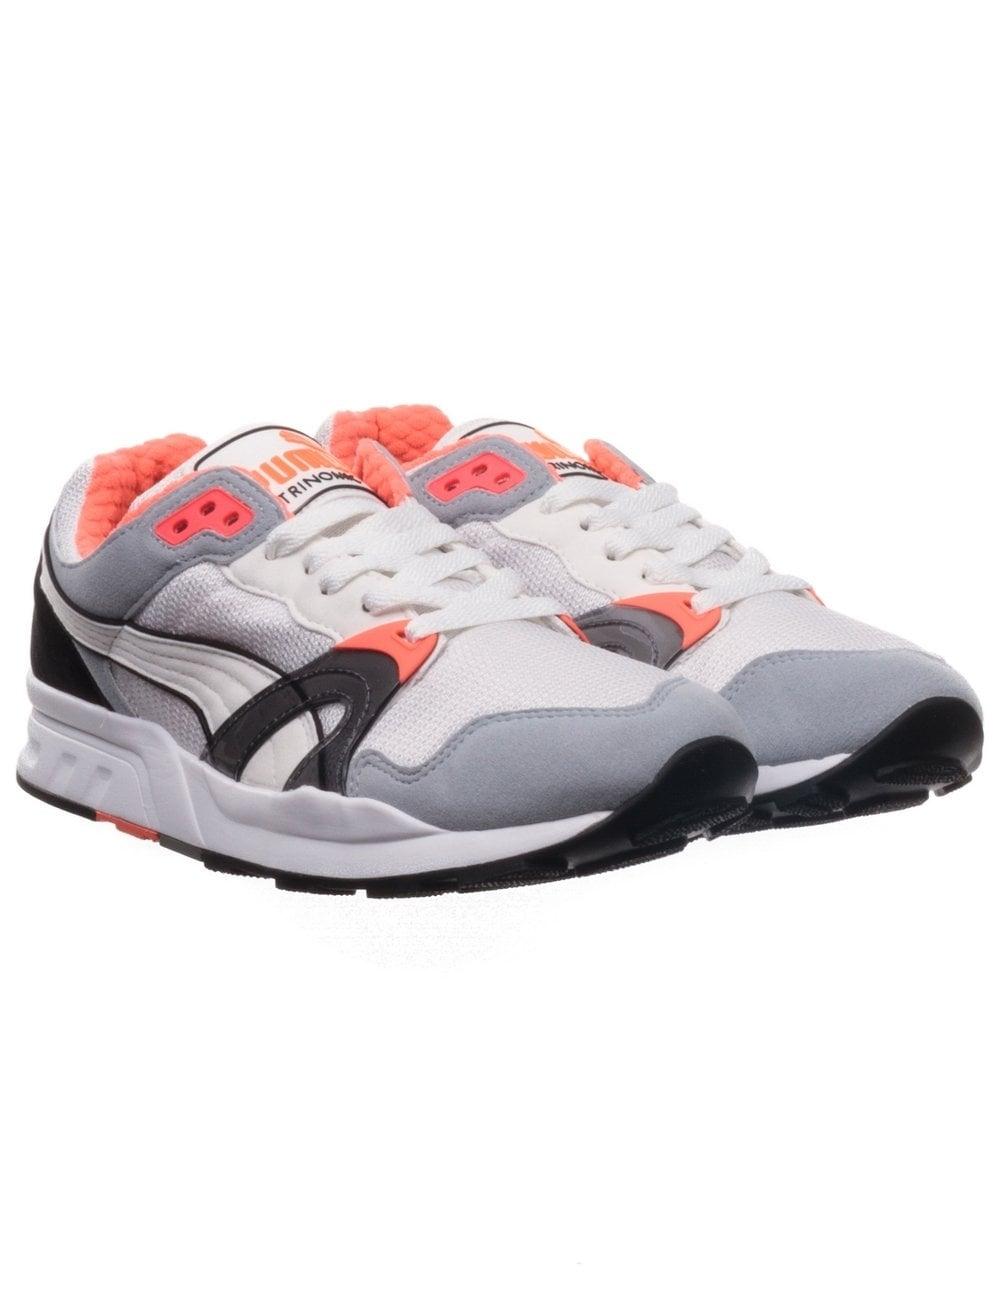 dd73502592f Puma Trinomic XT1 Plus OG - Grey Dawn White - Footwear from Fat ...